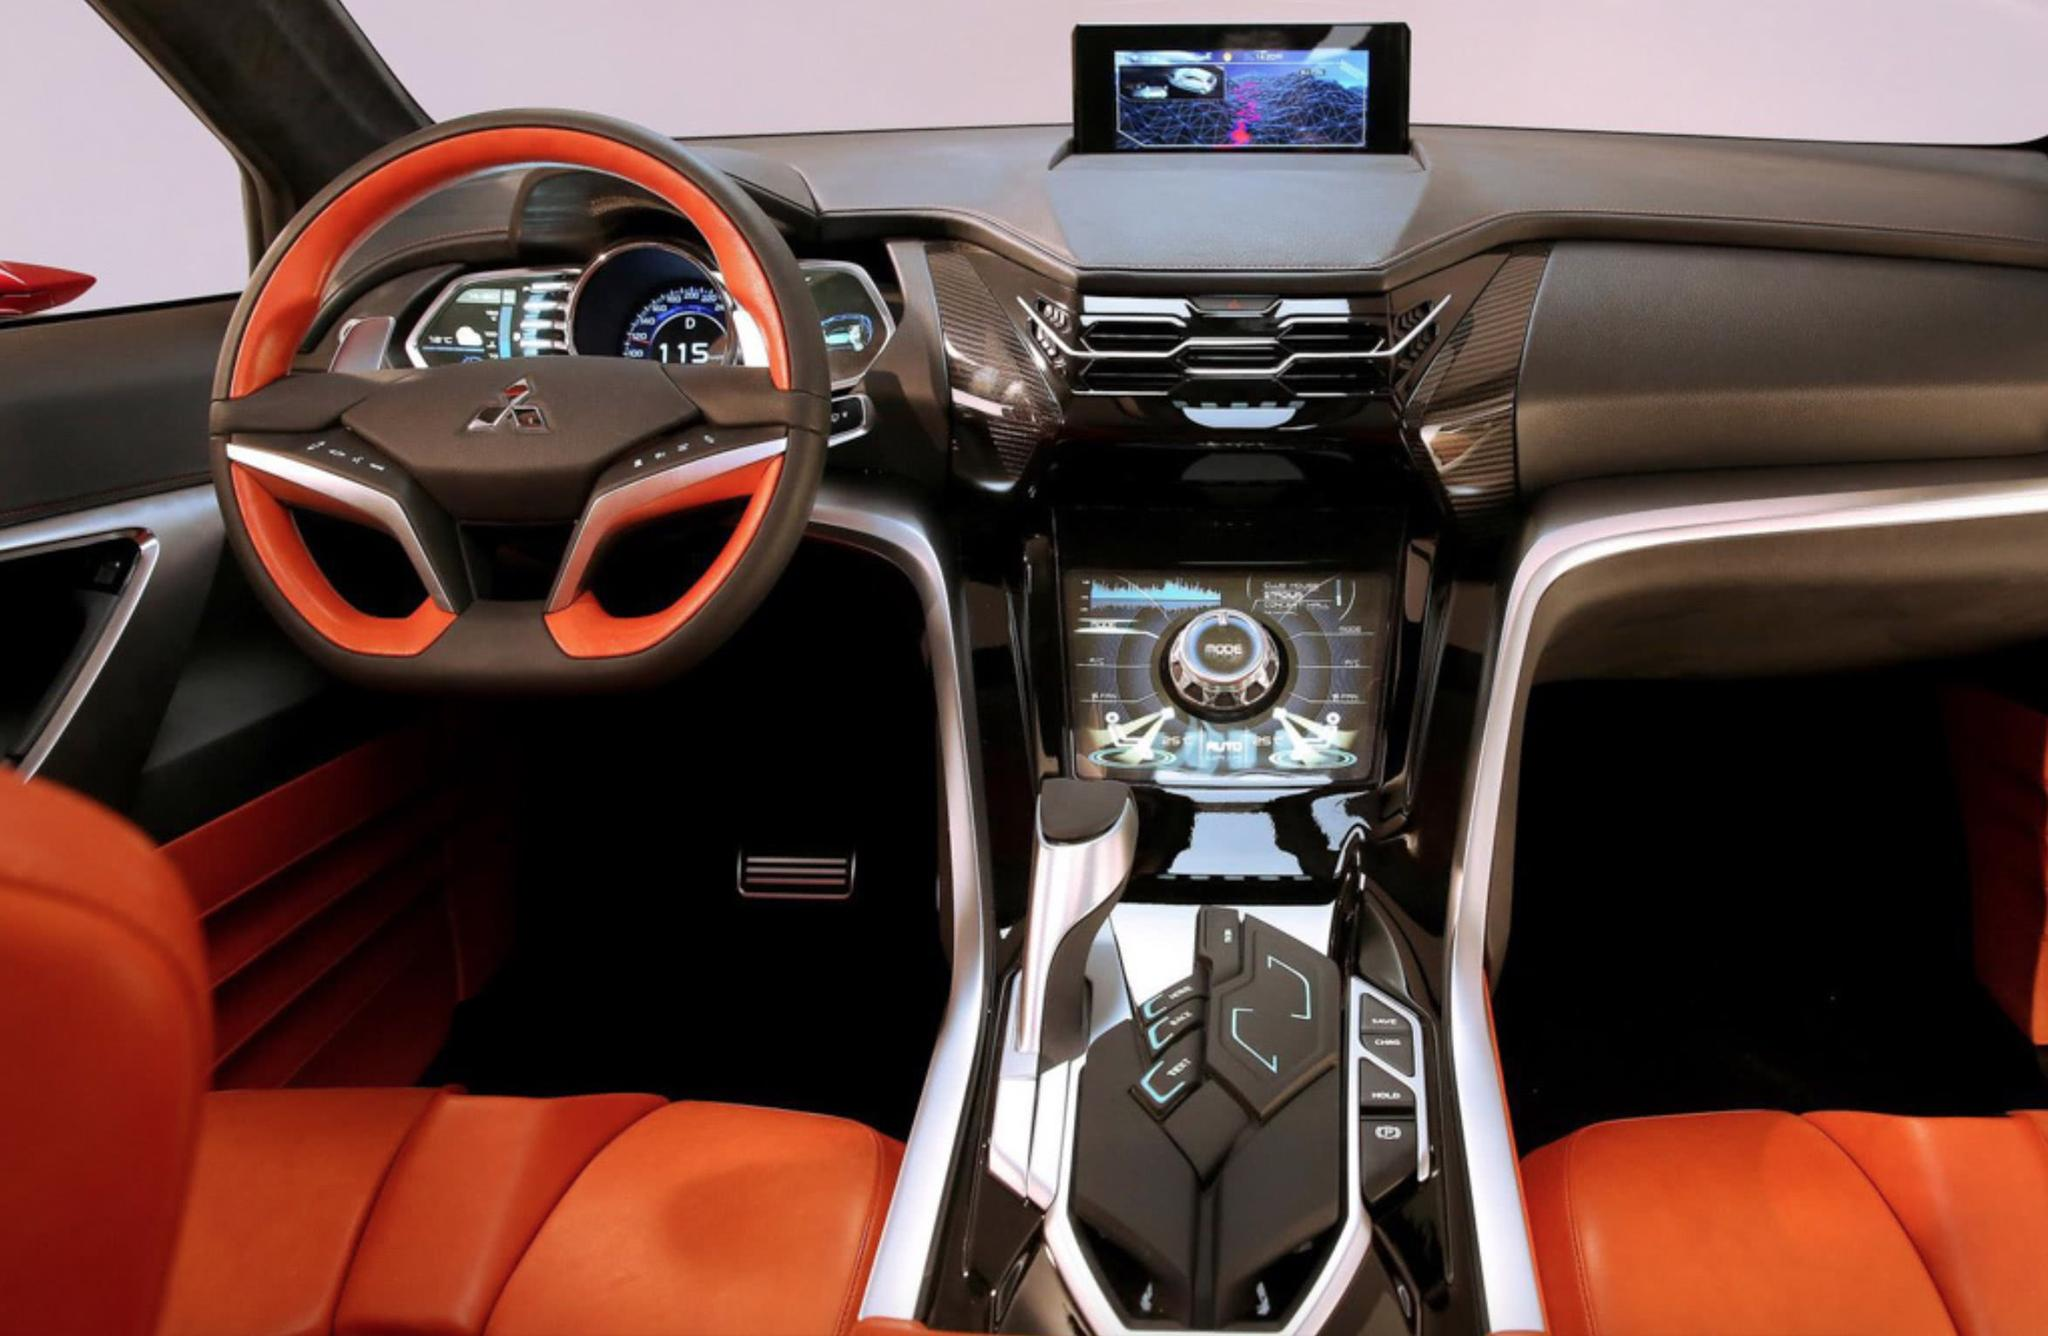 三菱终于爆发了!新车比途观漂亮,1.5T配四驱,油耗2毛,仅10万